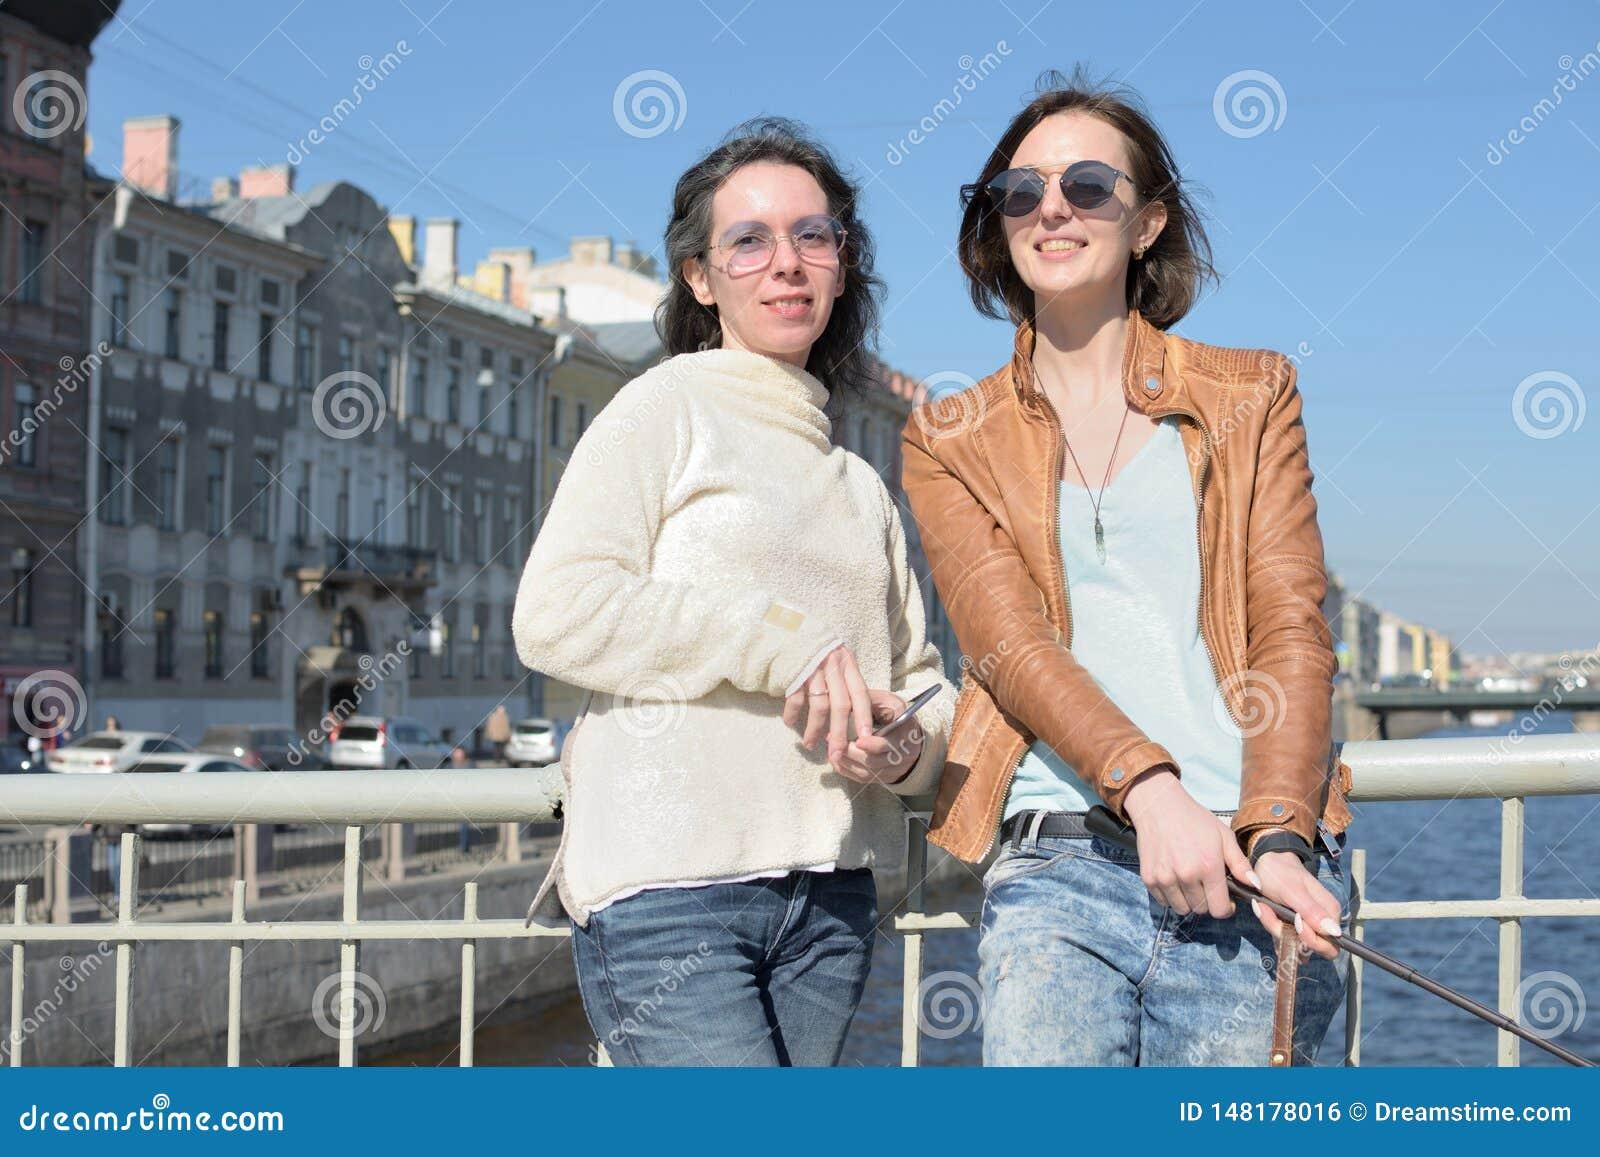 Touristes de jeunes dames dans le St Petersbourg Russie prendre des selfies sur un pont en bois au centre de la ville historique